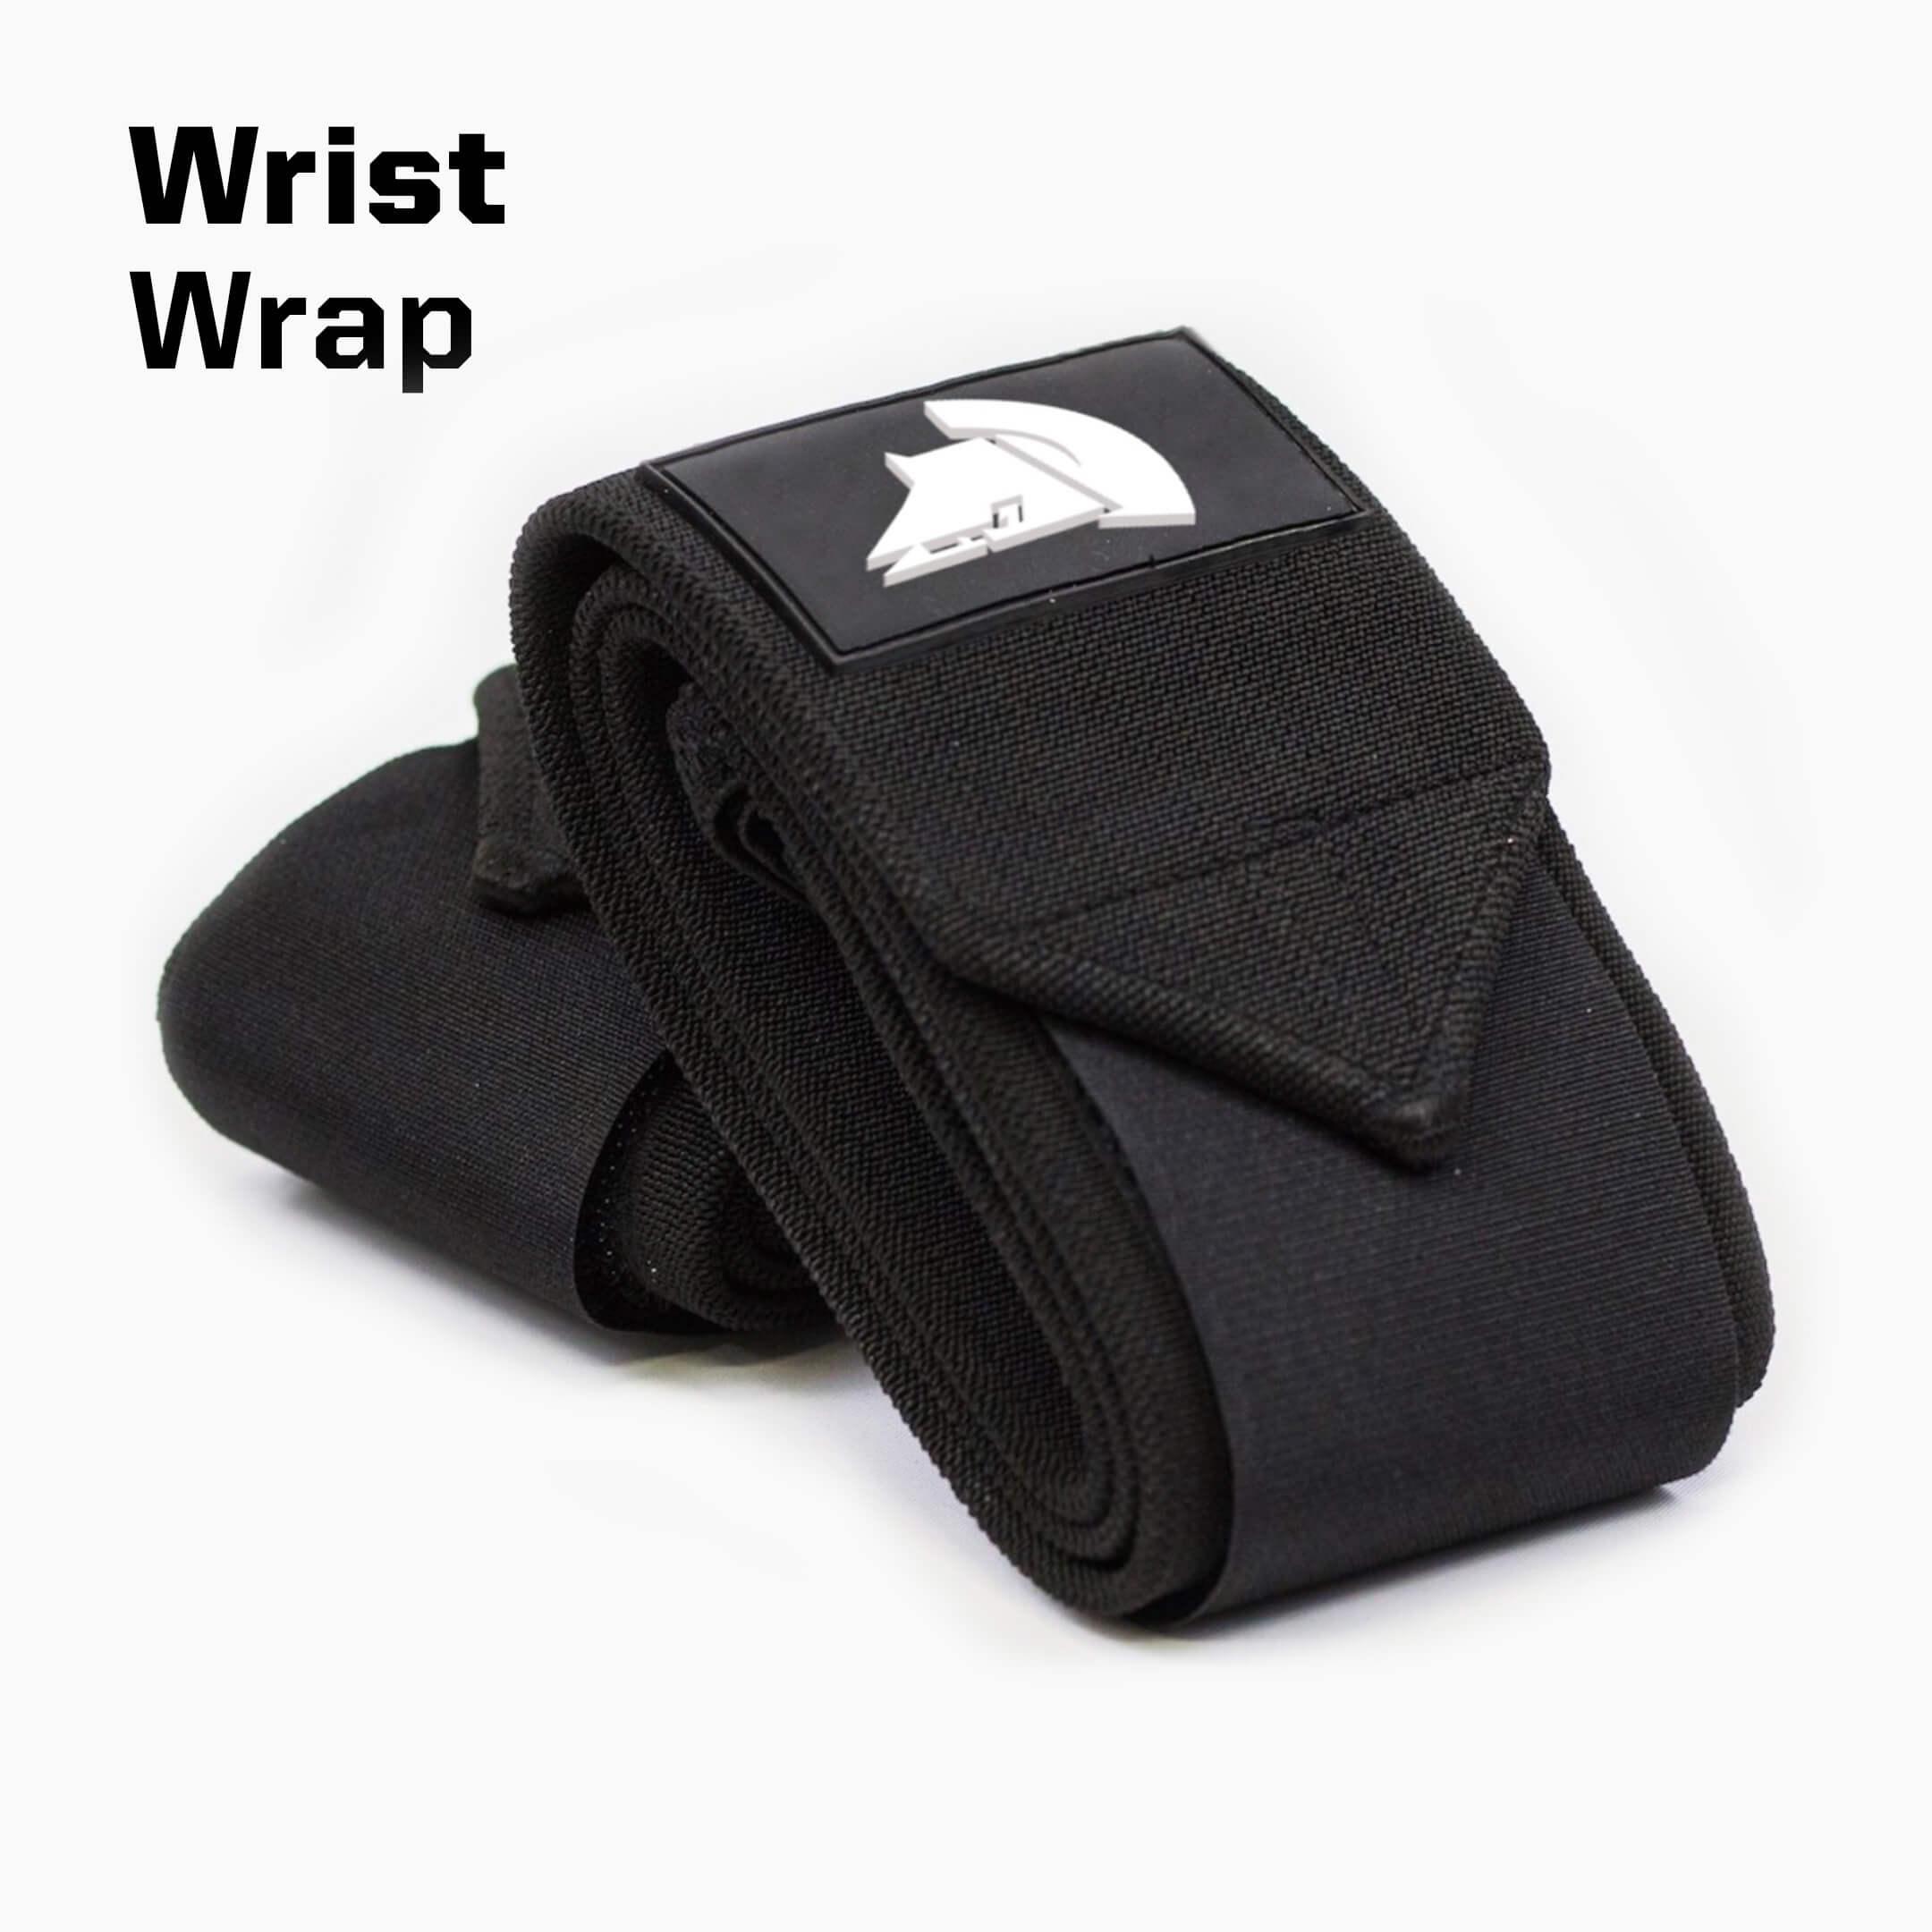 ağırsağlam bileklik wrist wrap